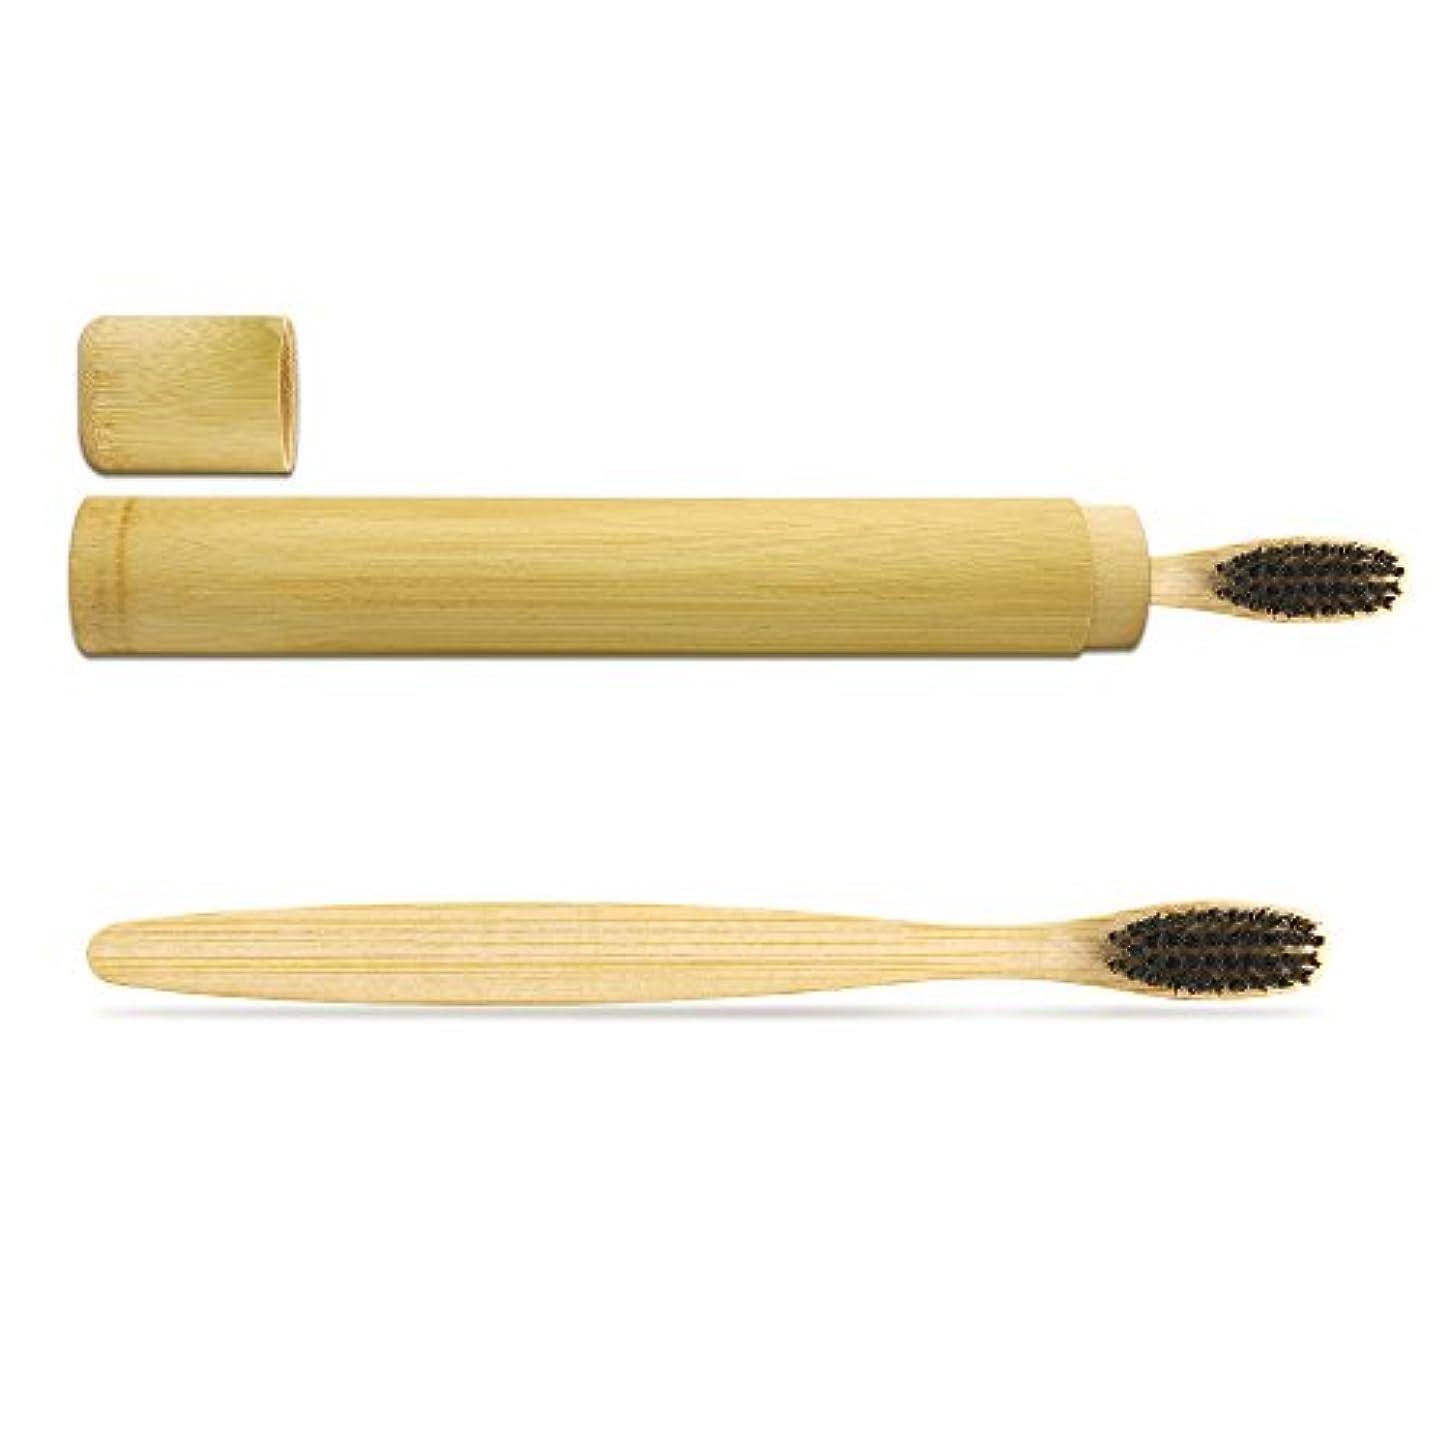 リング現実的ライターN-amboo 竹製 高耐久度 歯ブラシ ケース付き 軽量 携帯便利 出張旅行